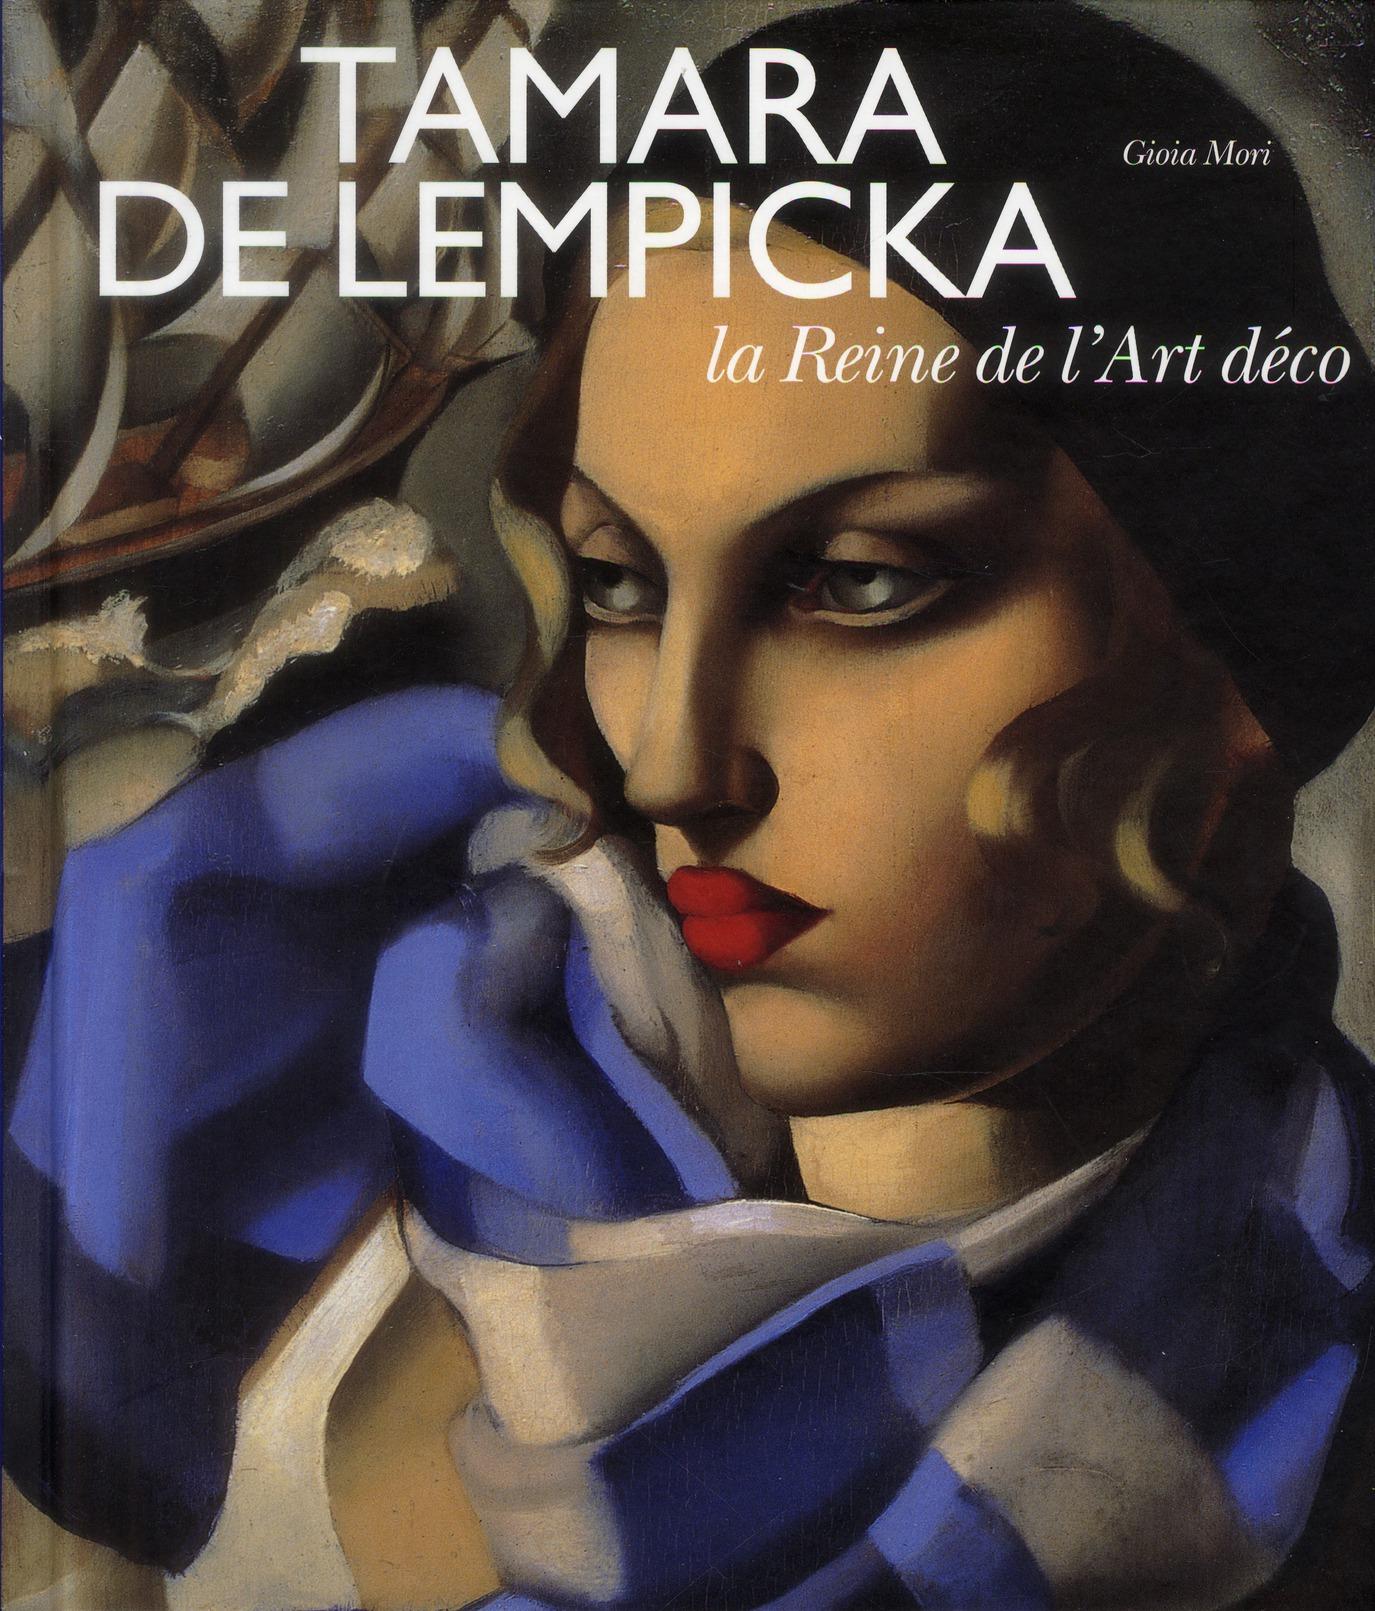 TAMARA DE LEMPICKA - LA REINE DE L'ART DECO